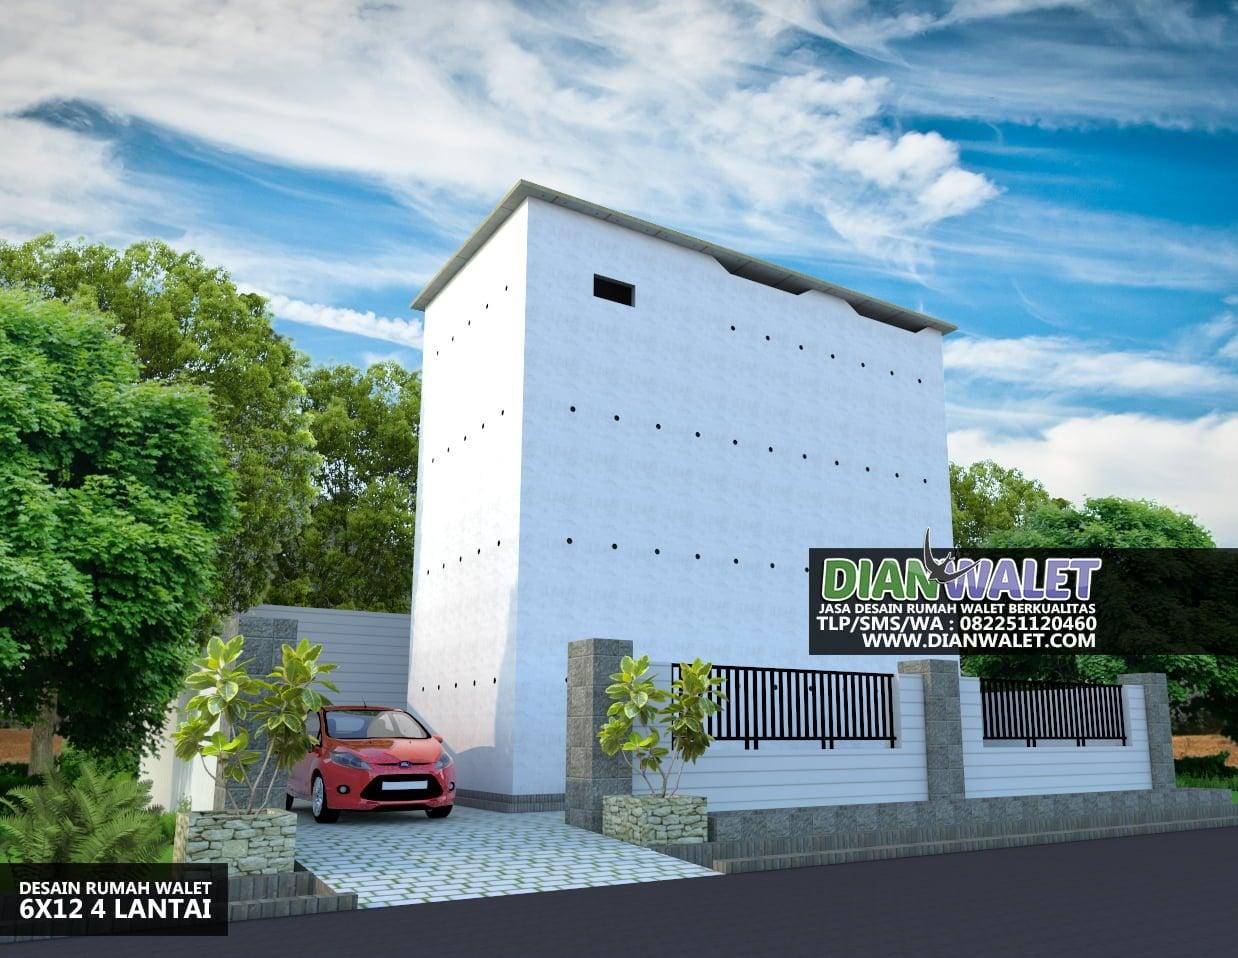 41 Inspirasi Desain Rumah Kontemporer 4x4 Kreatif Banget Deh Deagam Design